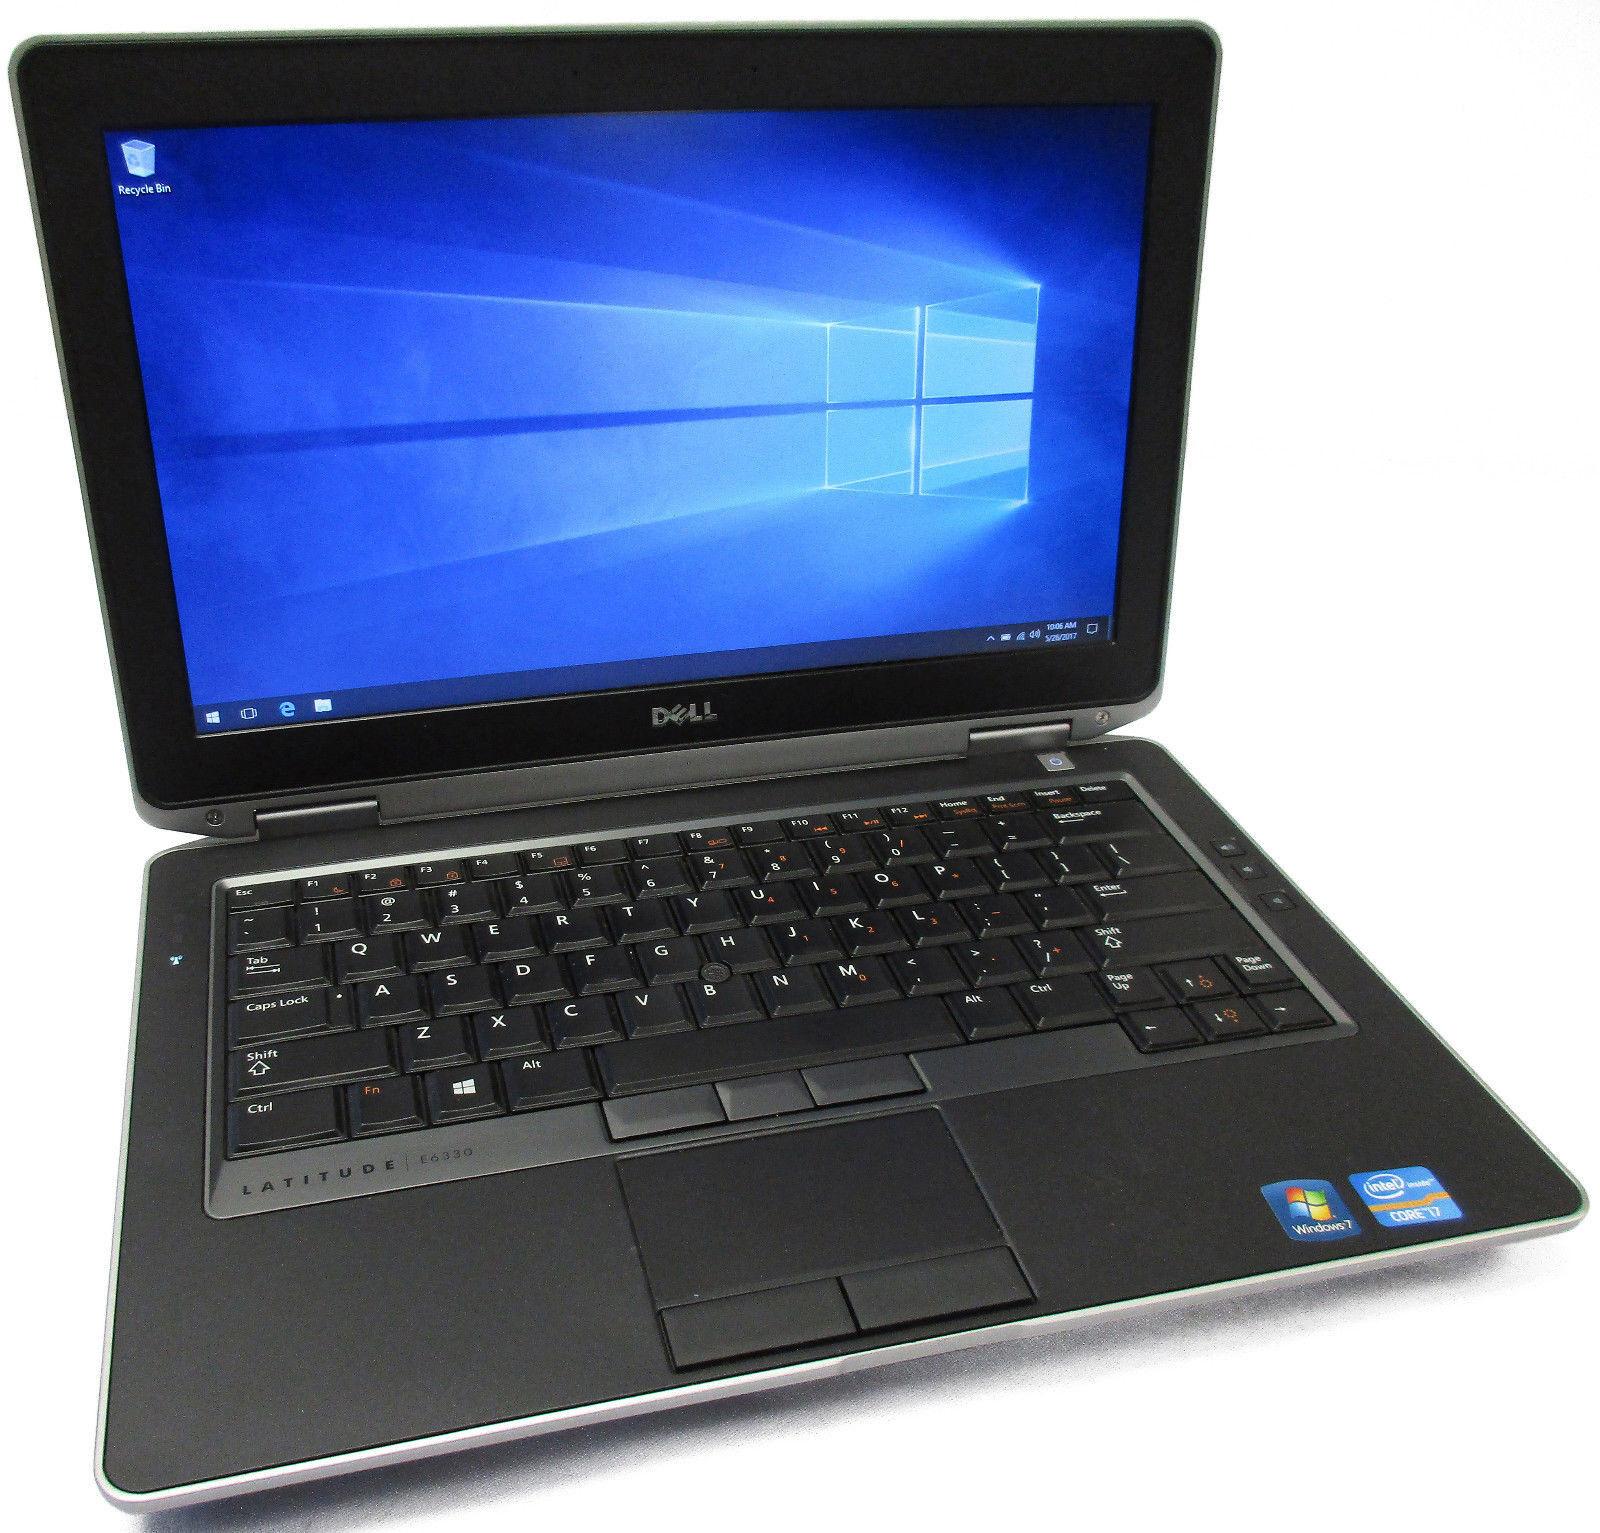 """Dell Latitude E6330 13.3"""" Core i5-3340M 2.7GHz 320GB 6GB BT No Battery/Opt Drive"""